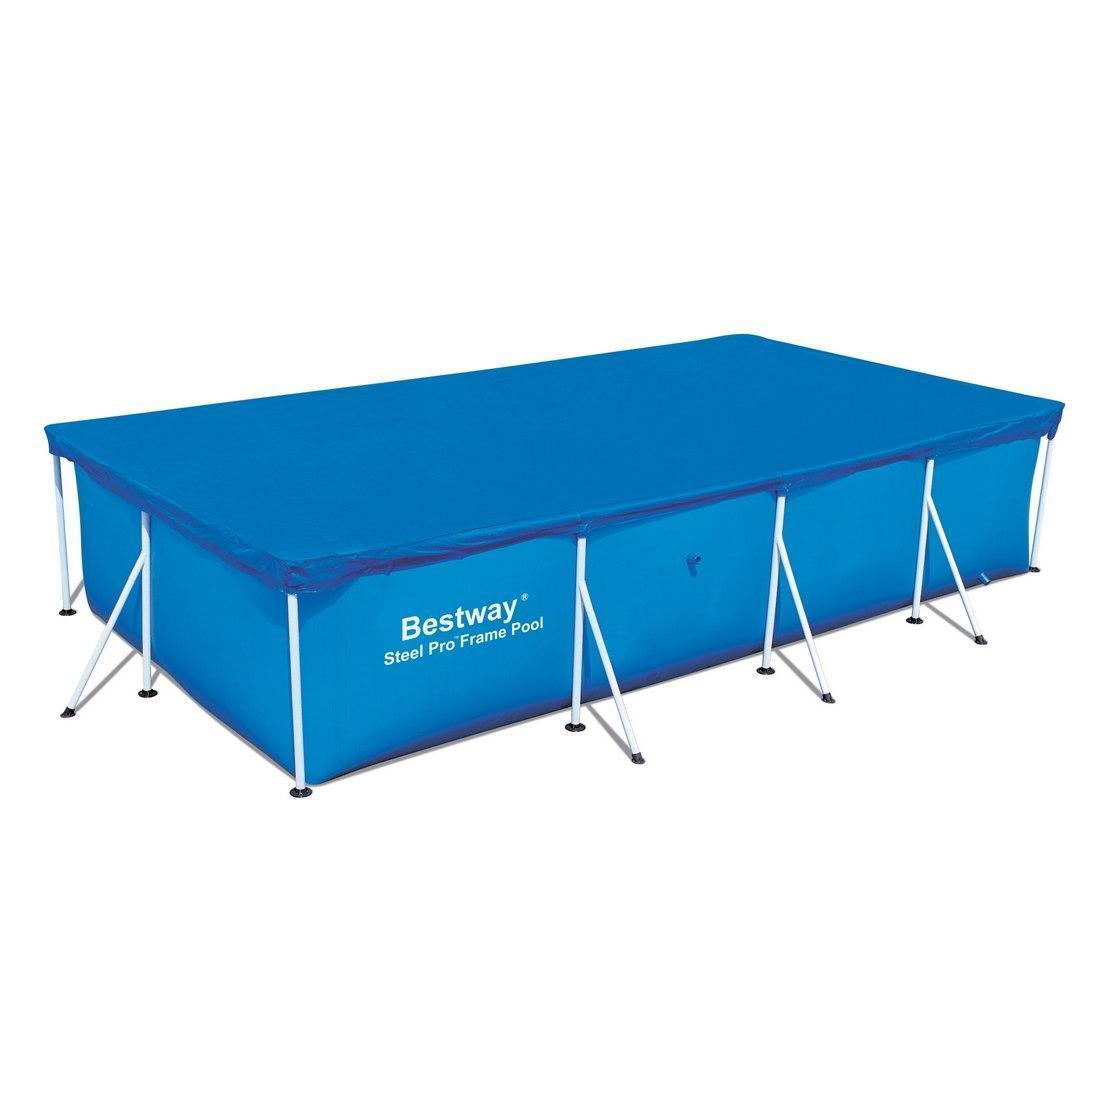 Тент для бассейна Bestway 58107,,, Полиэтилен, Цвет: Голубой